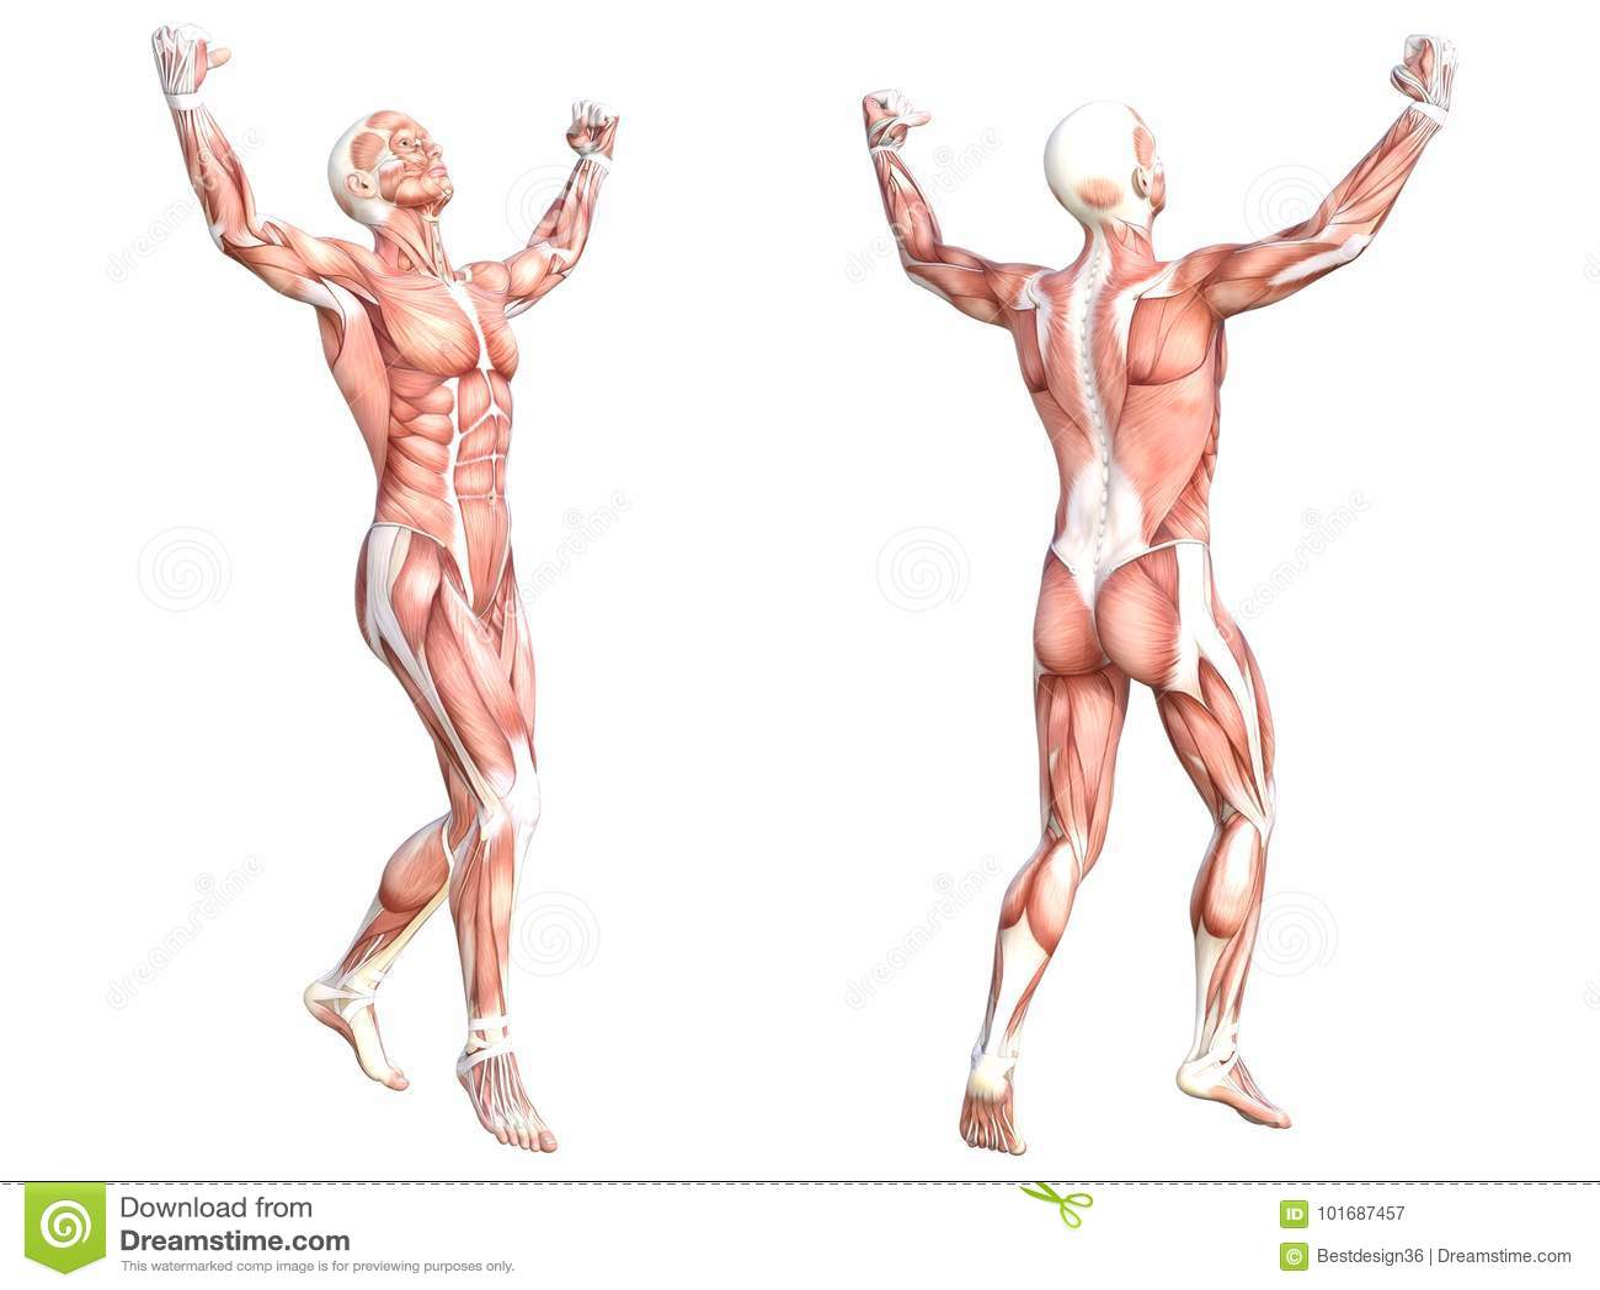 Ungewöhnlich Muskelsystem Anatomie Zeitgenössisch - Menschliche ...